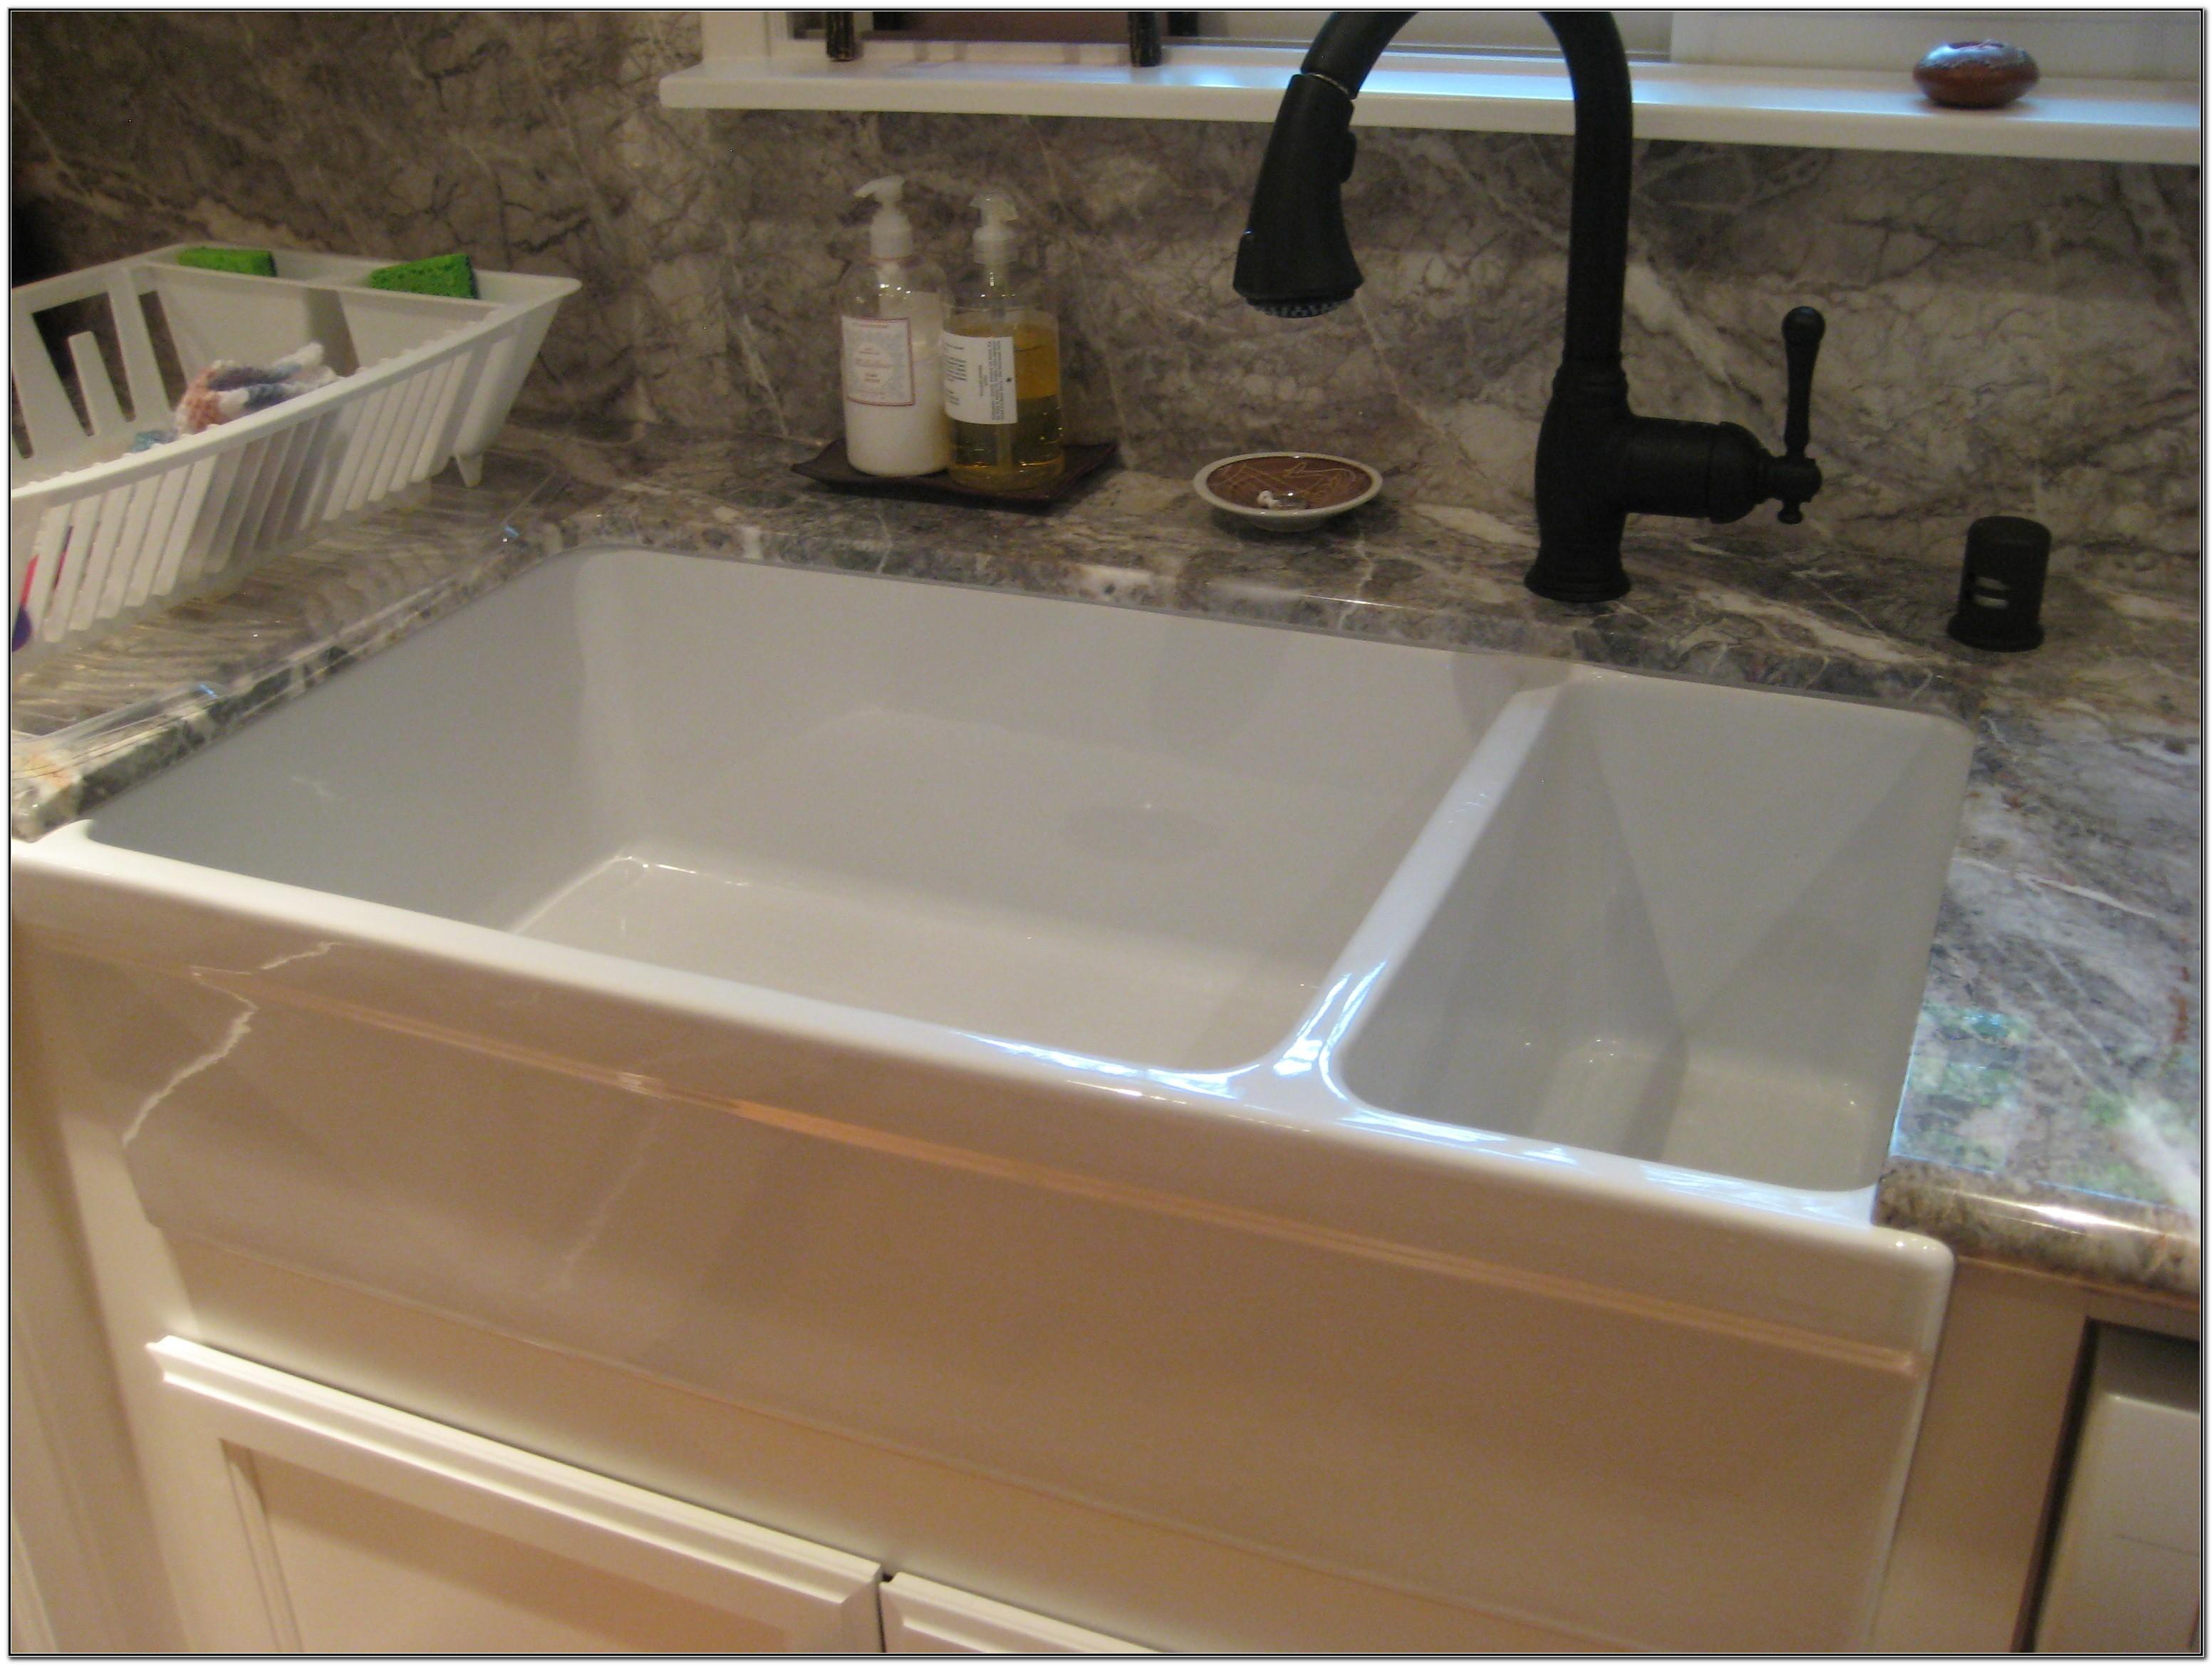 Porcelain Undermount Double Bowl Kitchen Sink